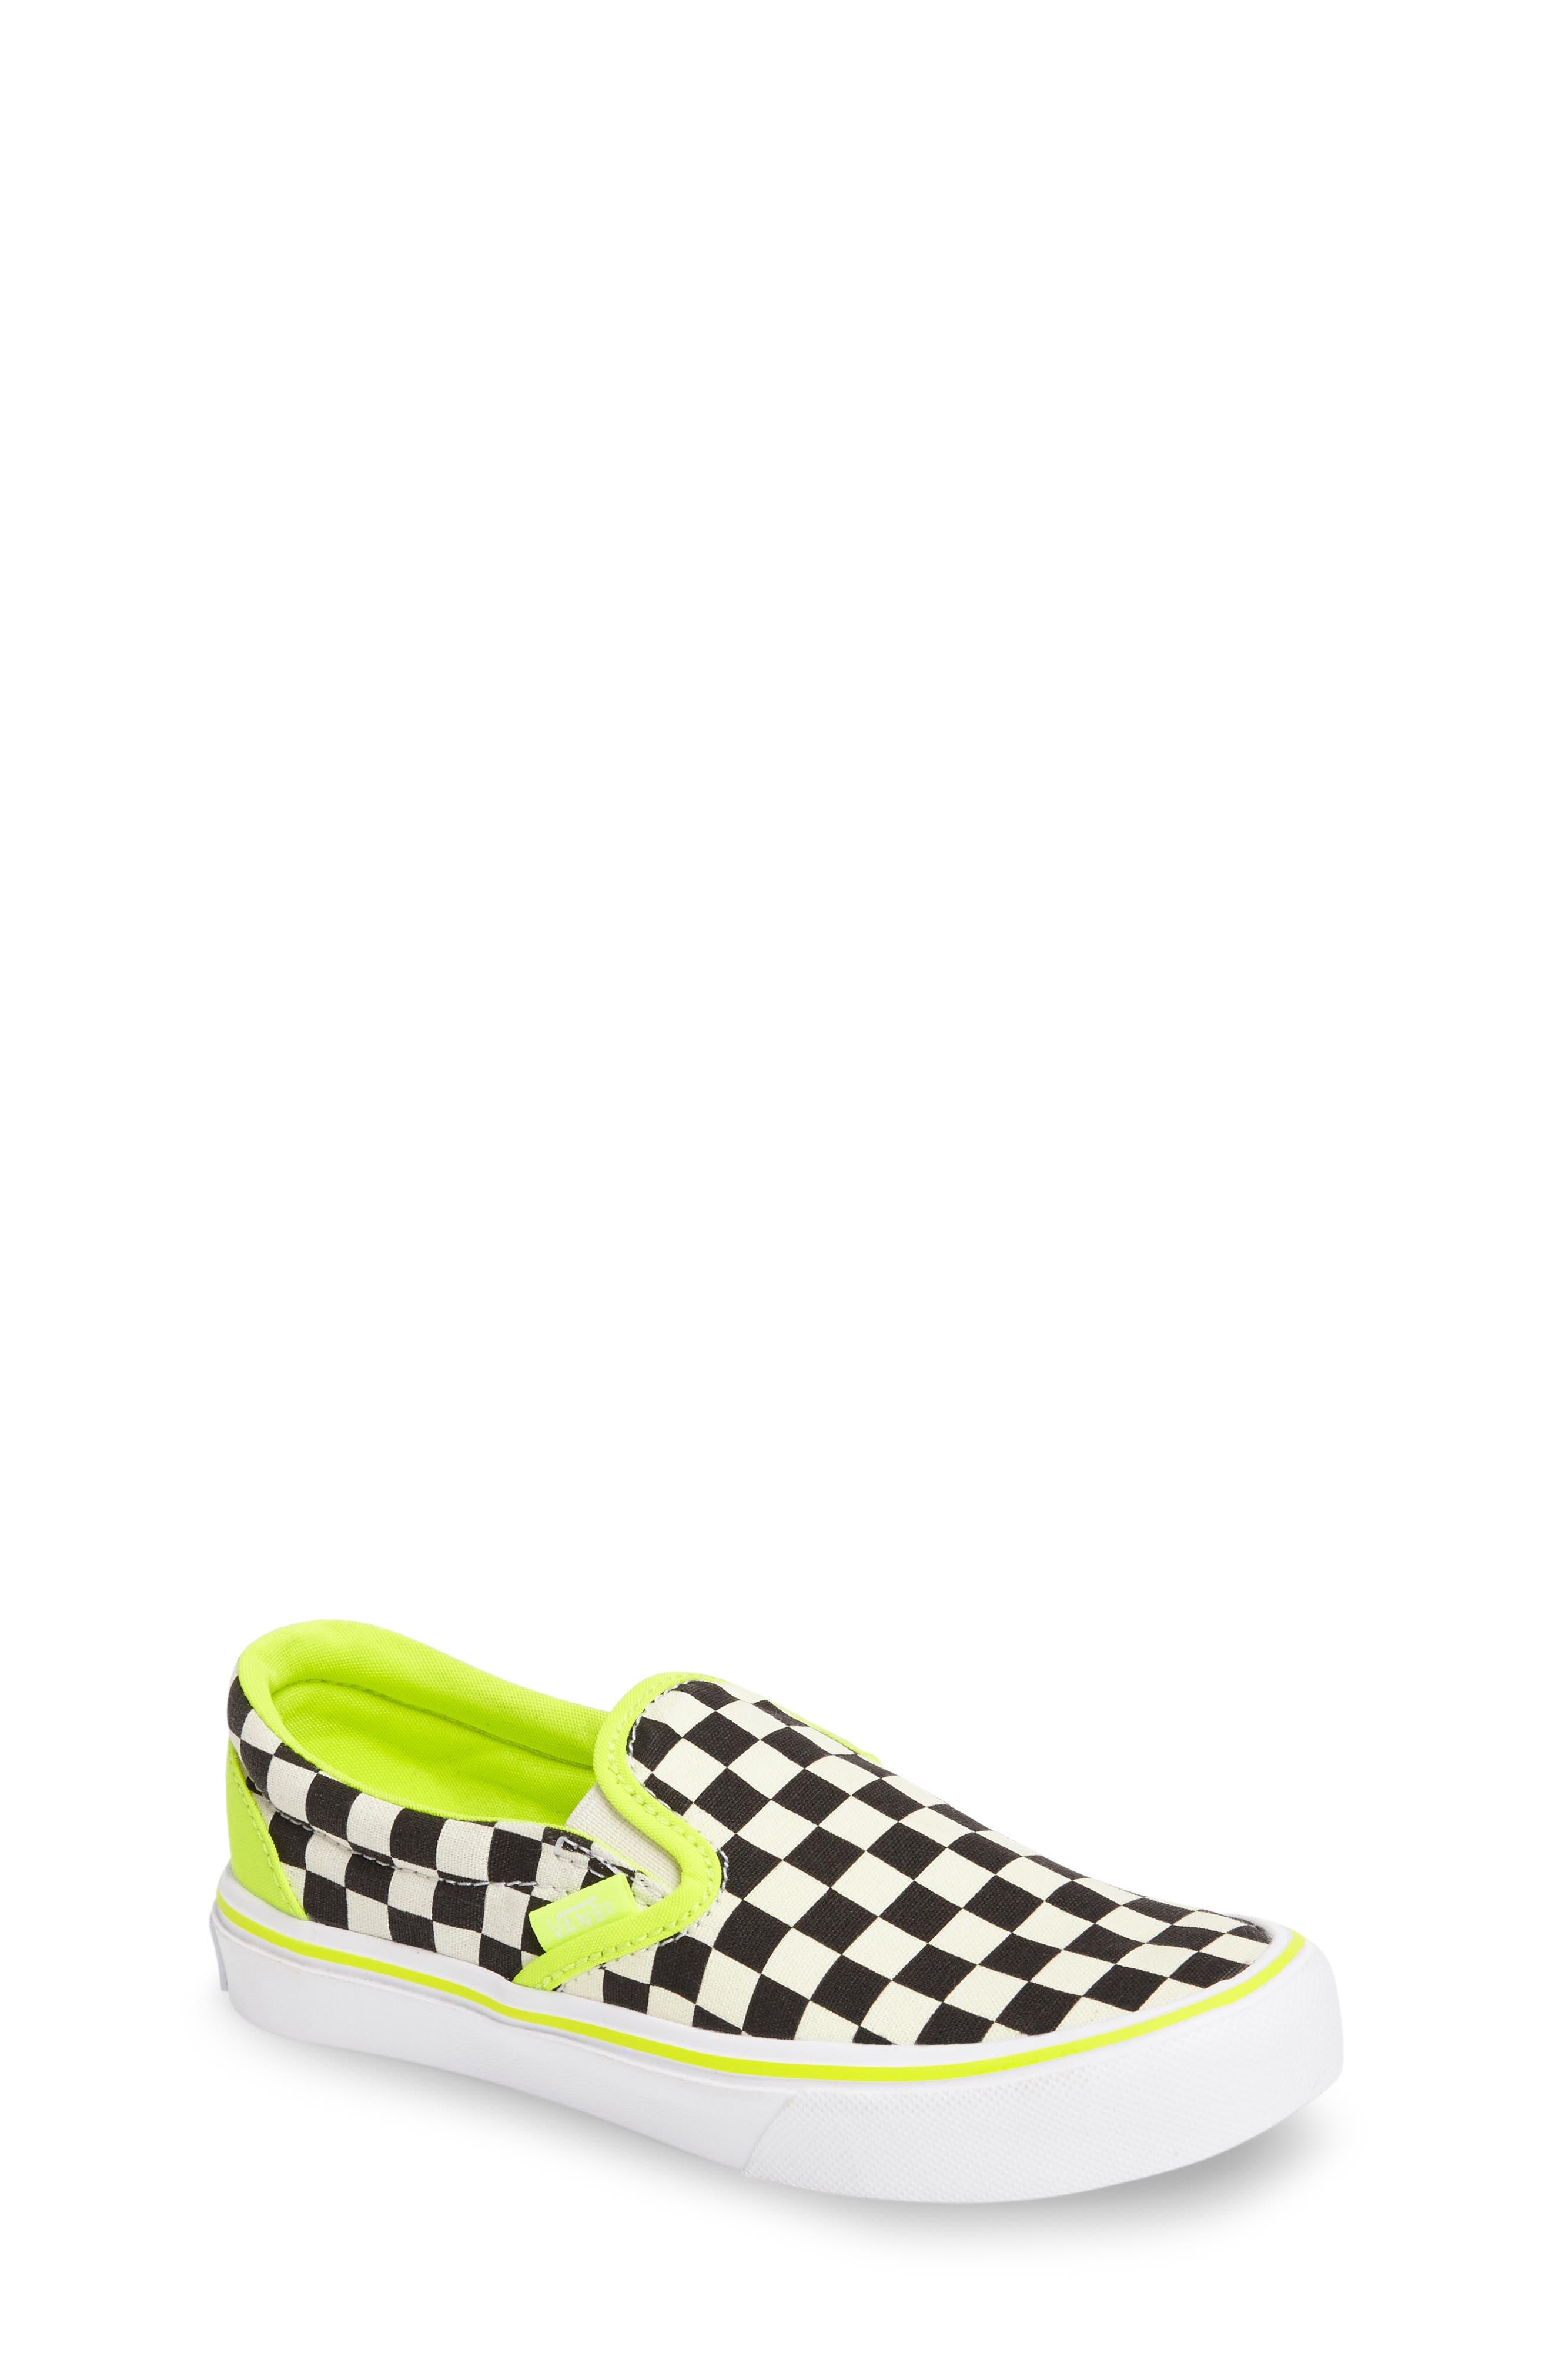 Vans Classic Freshness Slip-On Lite Sneaker (Toddler, Little Kid & Big Kid)